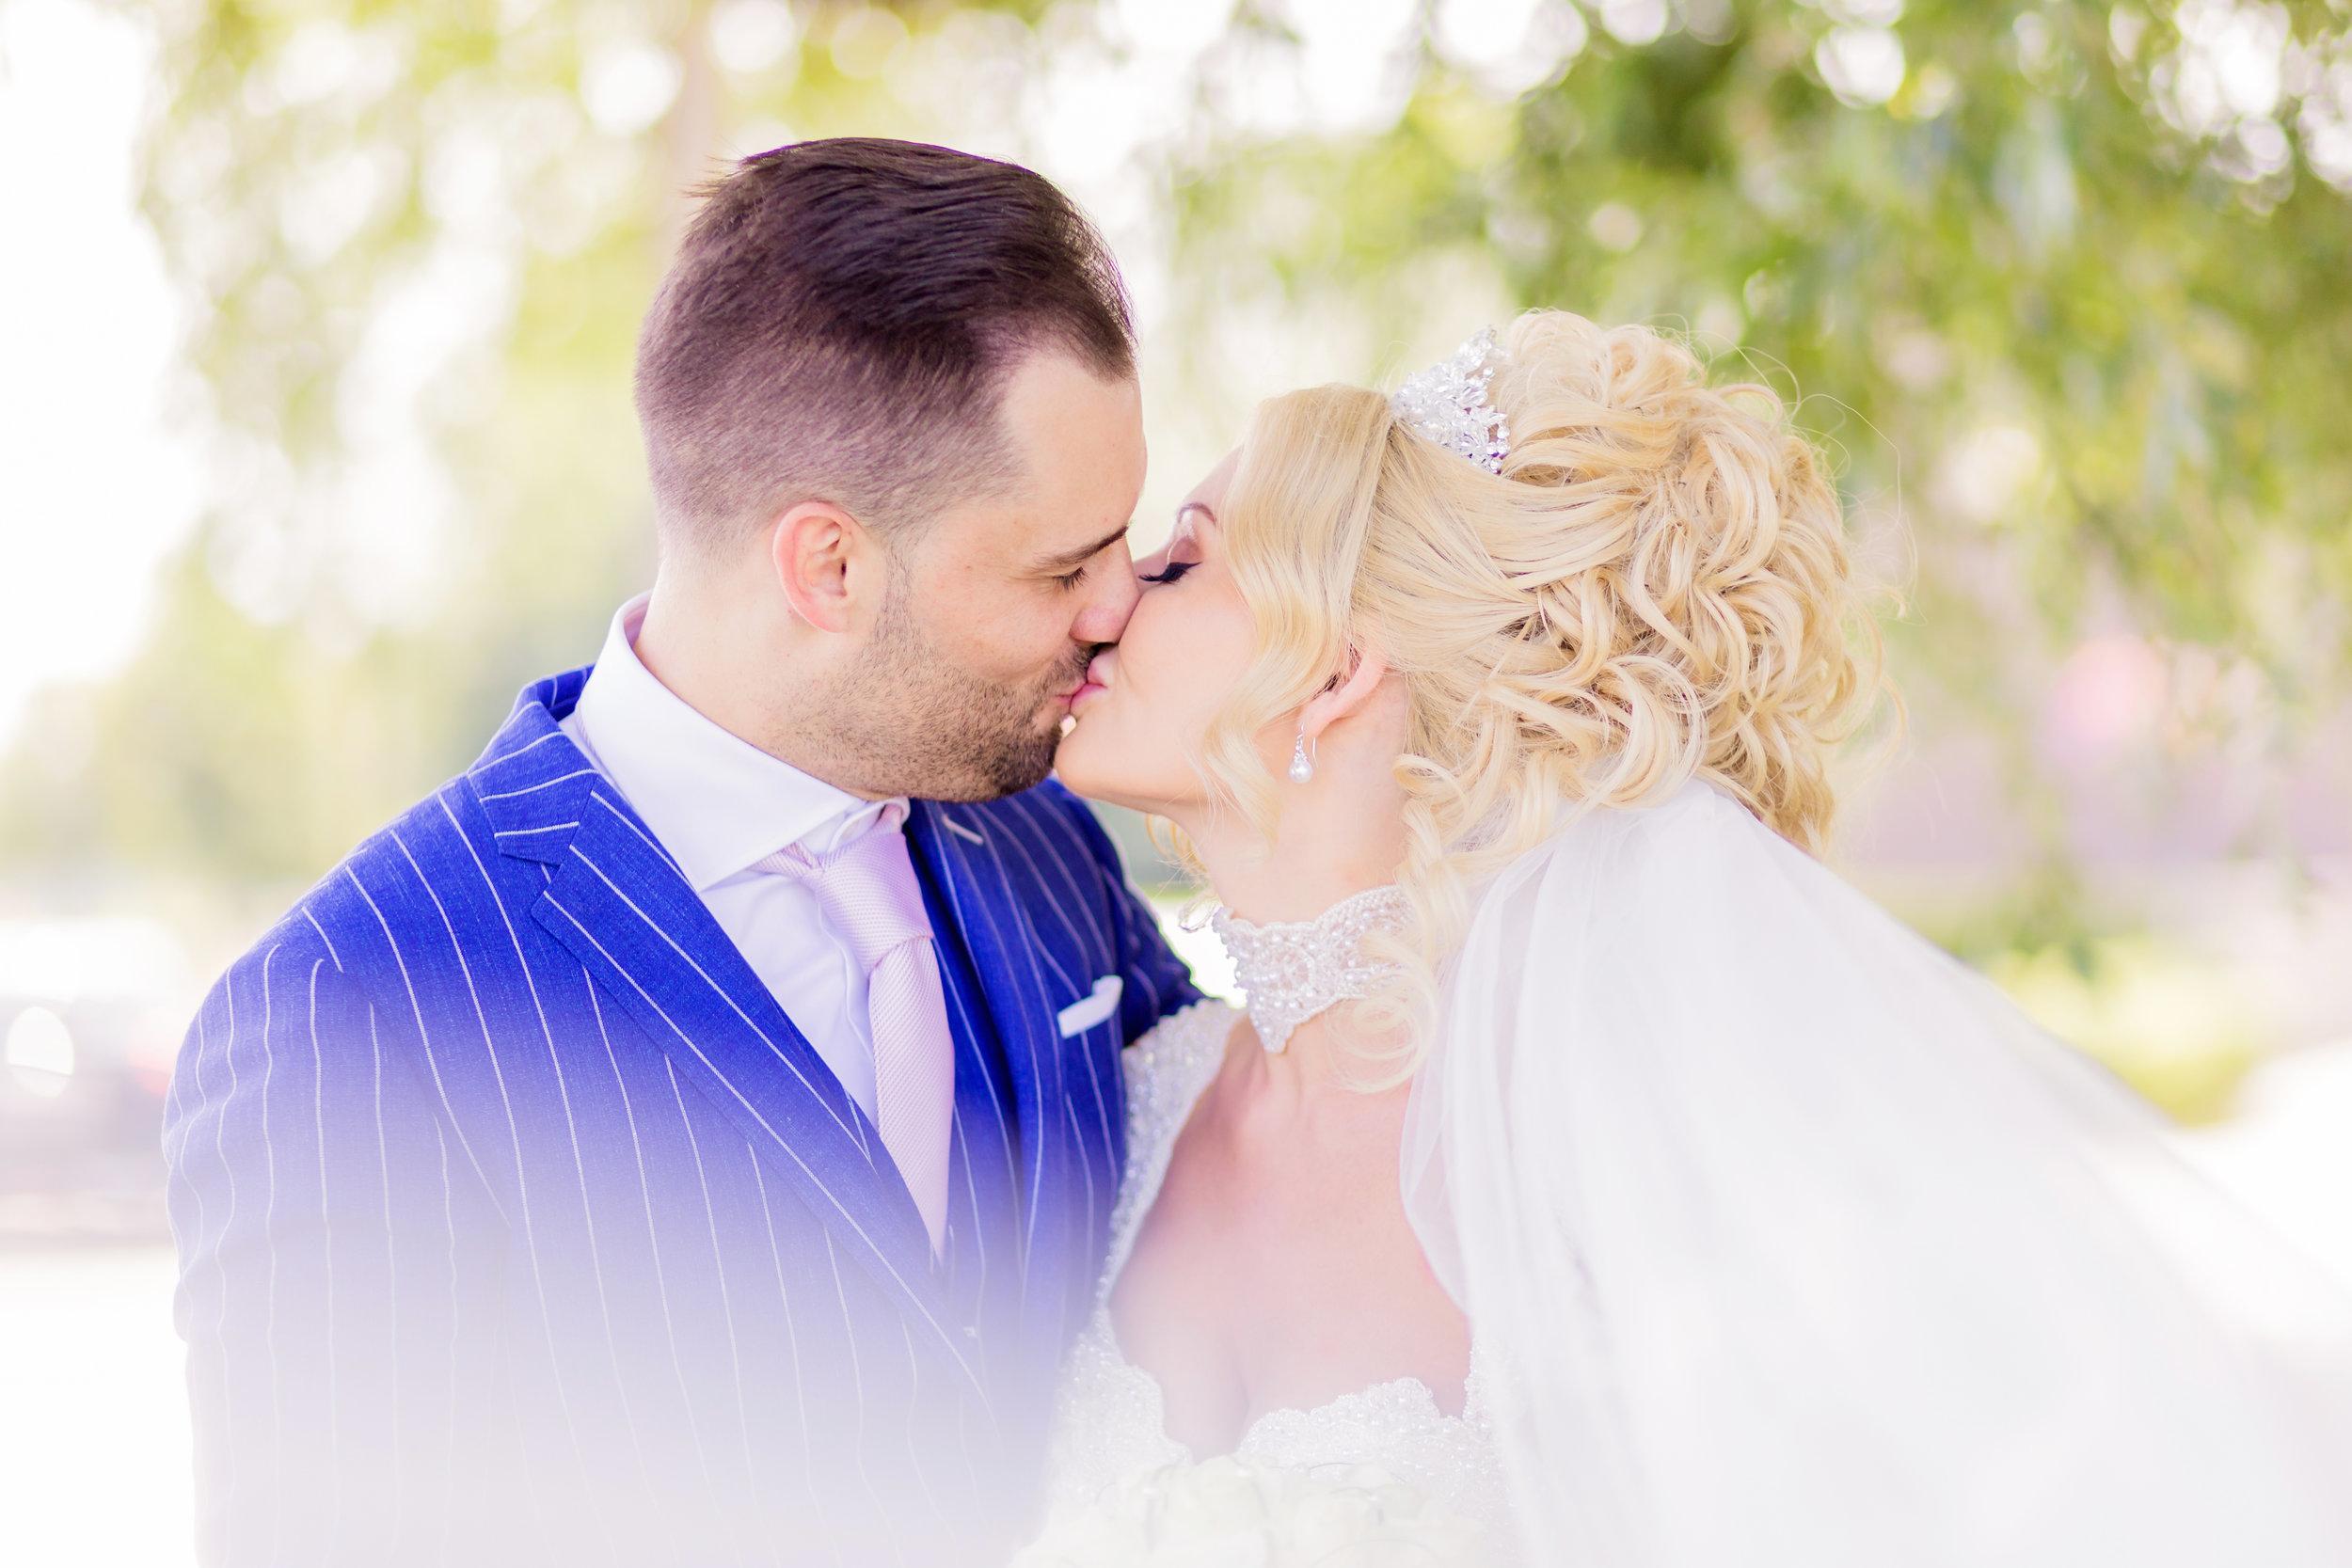 Huwelijk Limburg Bruidsboeket